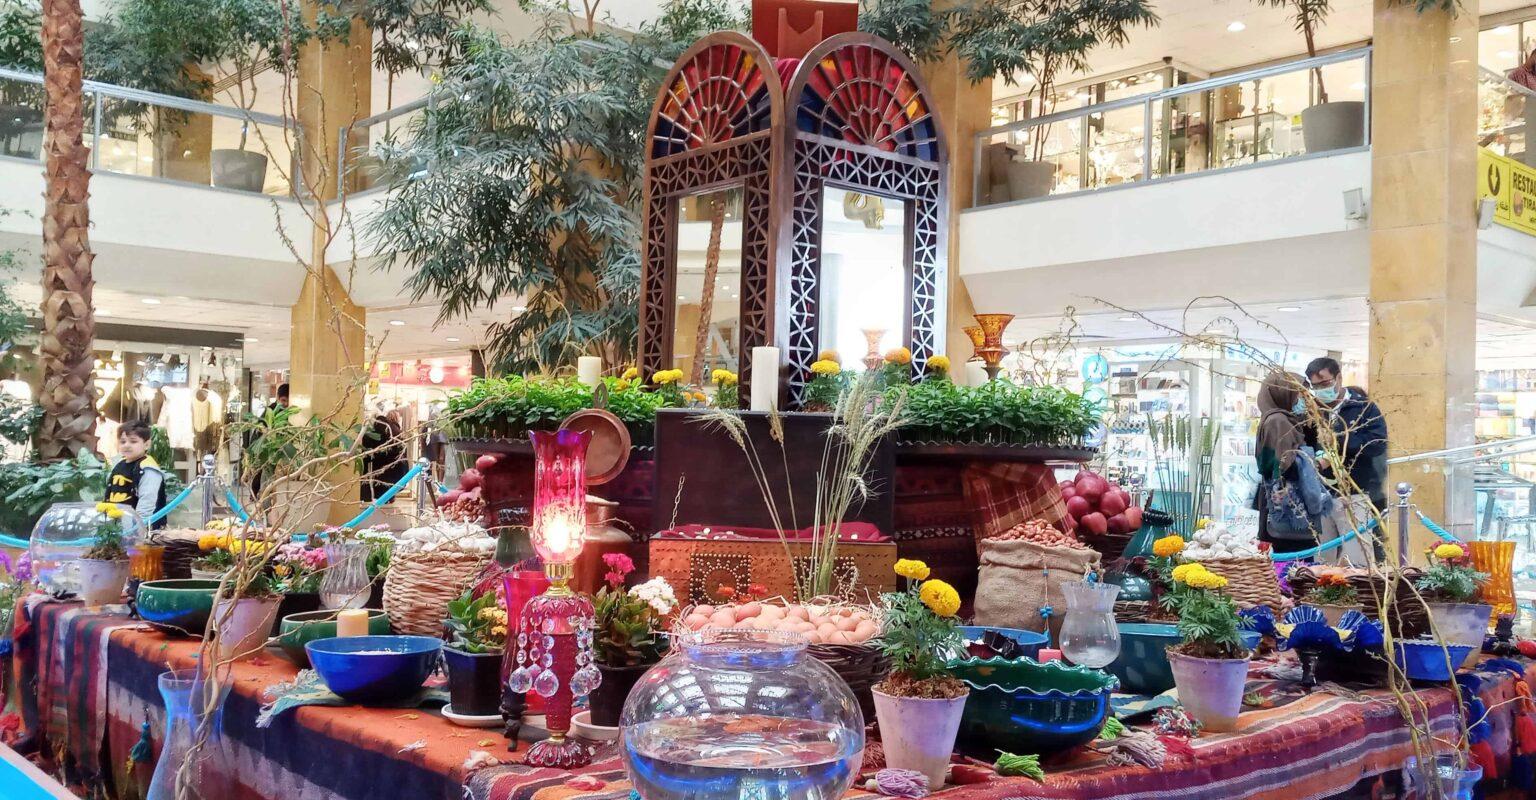 جشن نوروز، که پیشینه آن به ایران باستان باز میگردد، امروزه به جشنی فراملیتی تبدیل شده است و جغرافیای آن به ورای مرزهای کنونی ایران و حتی